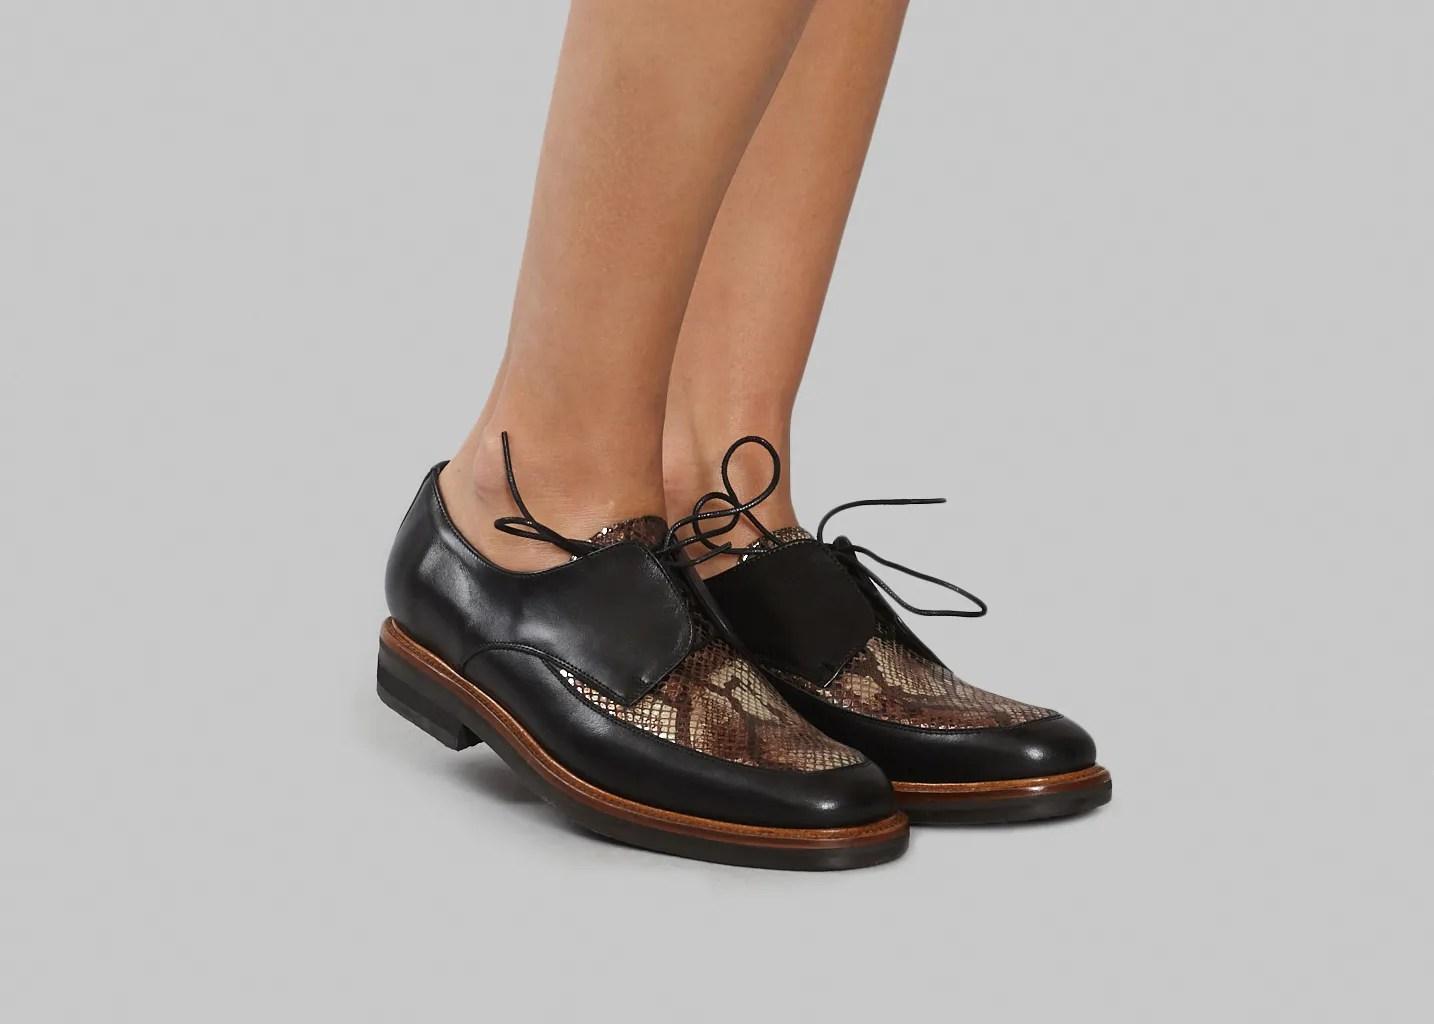 Chaussures Yves Valentine Gauthier Bronze LException